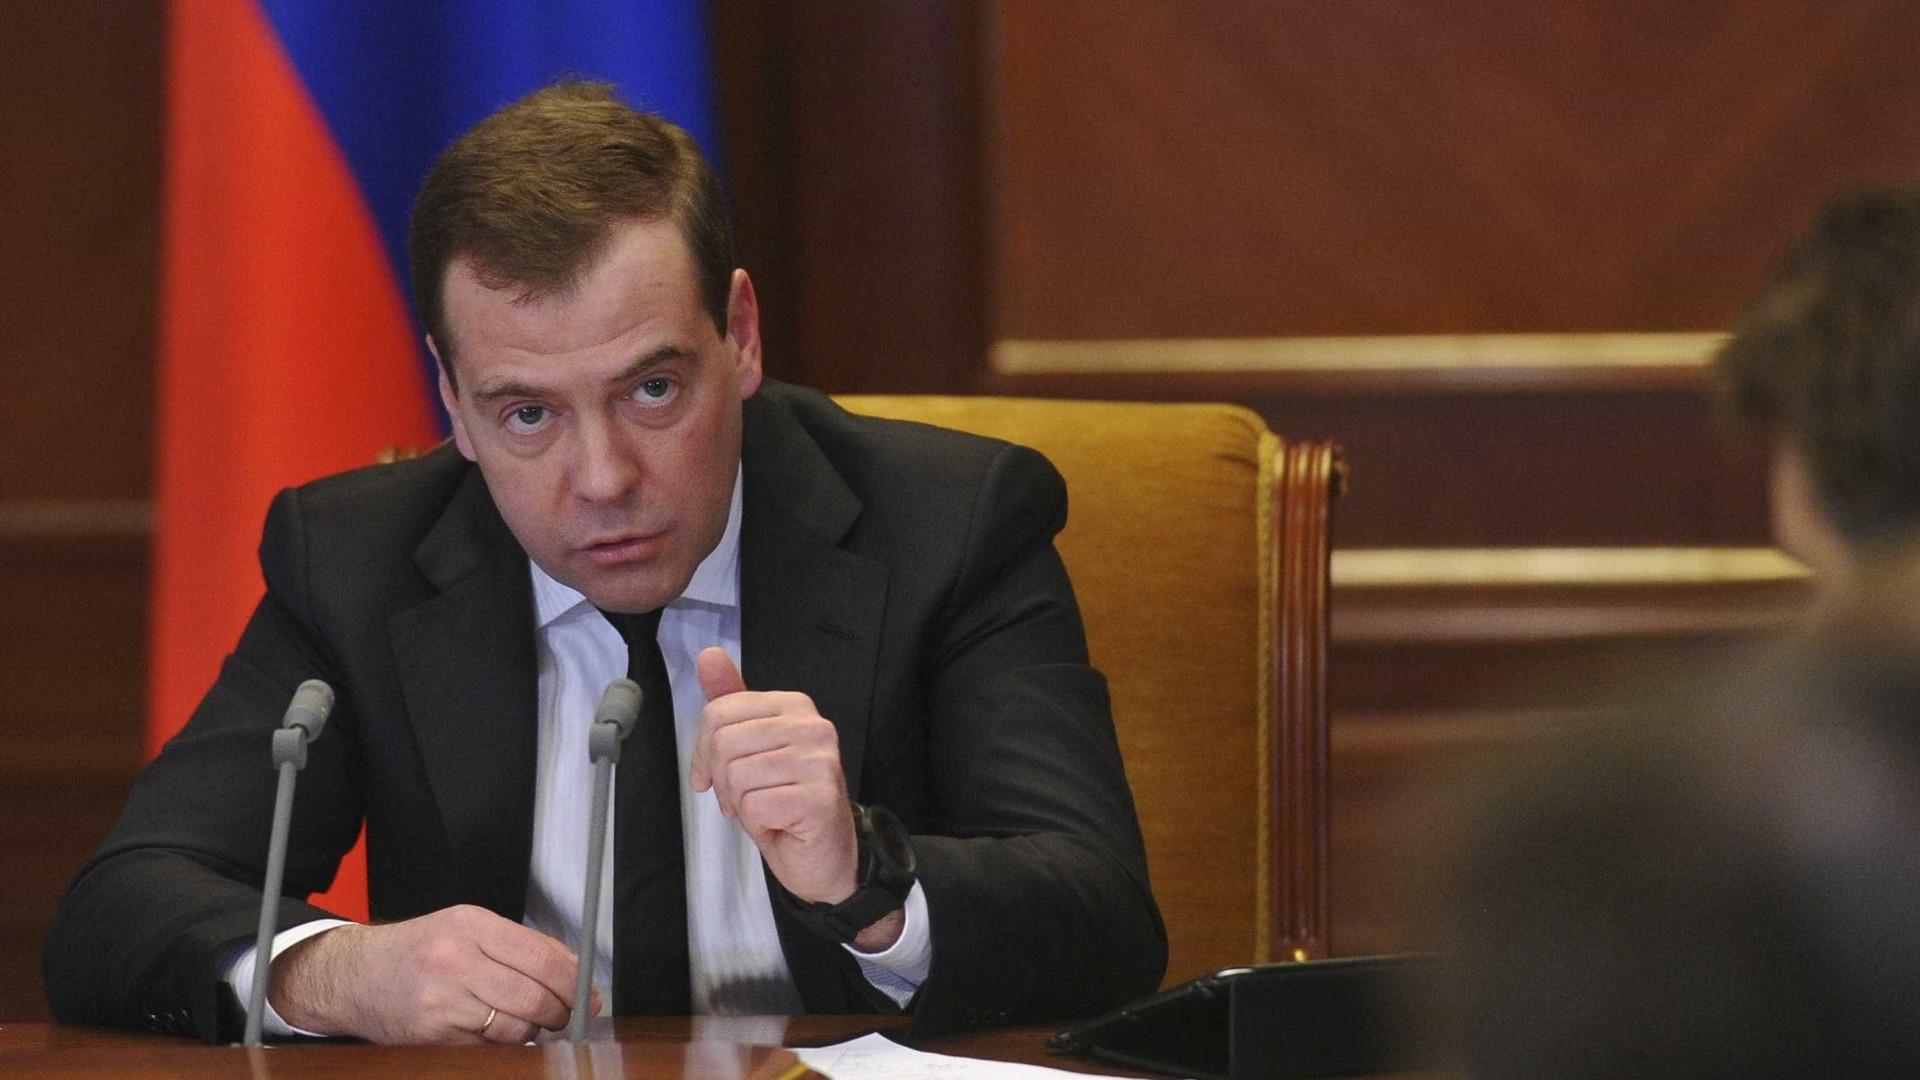 Rússia admite responder com todos os meios contra sanções dos EUA